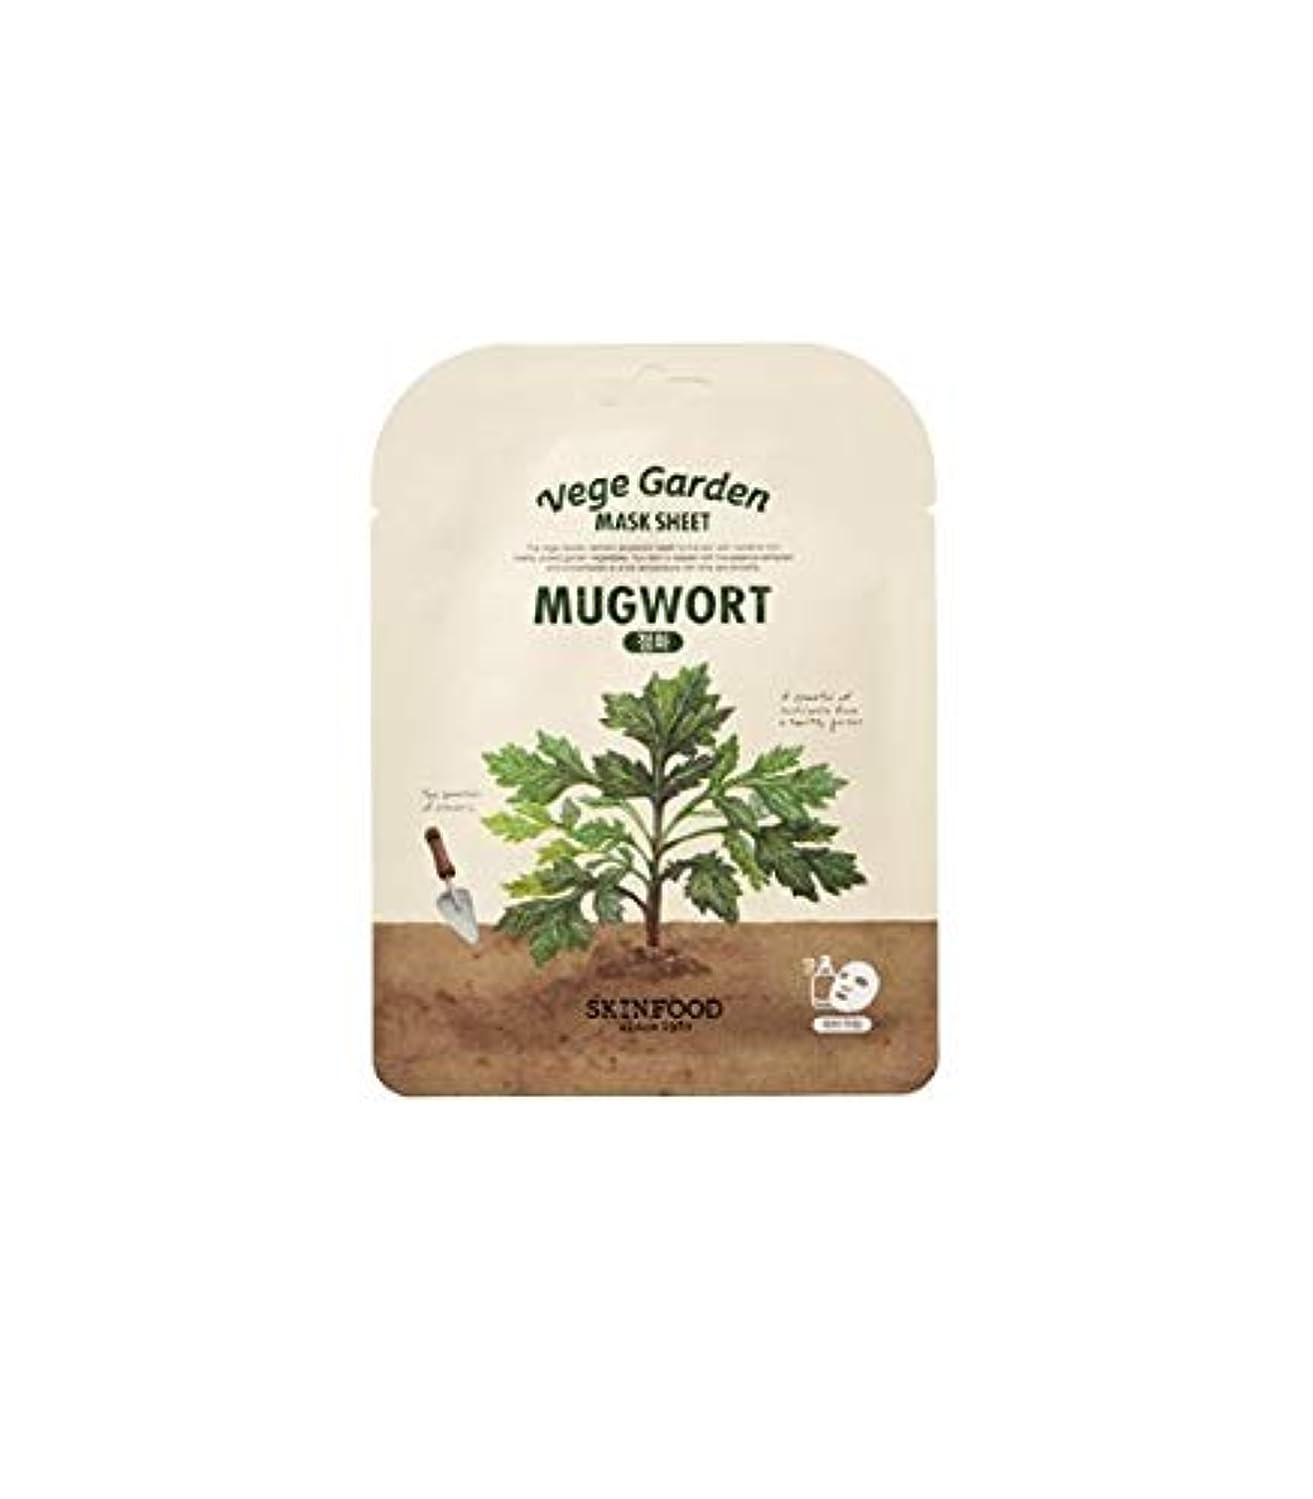 アンソロジー読書をする母性Skinfood ベジガーデンマスクシート#ヨモギ* 10ea / Vege Garden Mask Sheet #Mugwort *10ea 20ml*10 [並行輸入品]